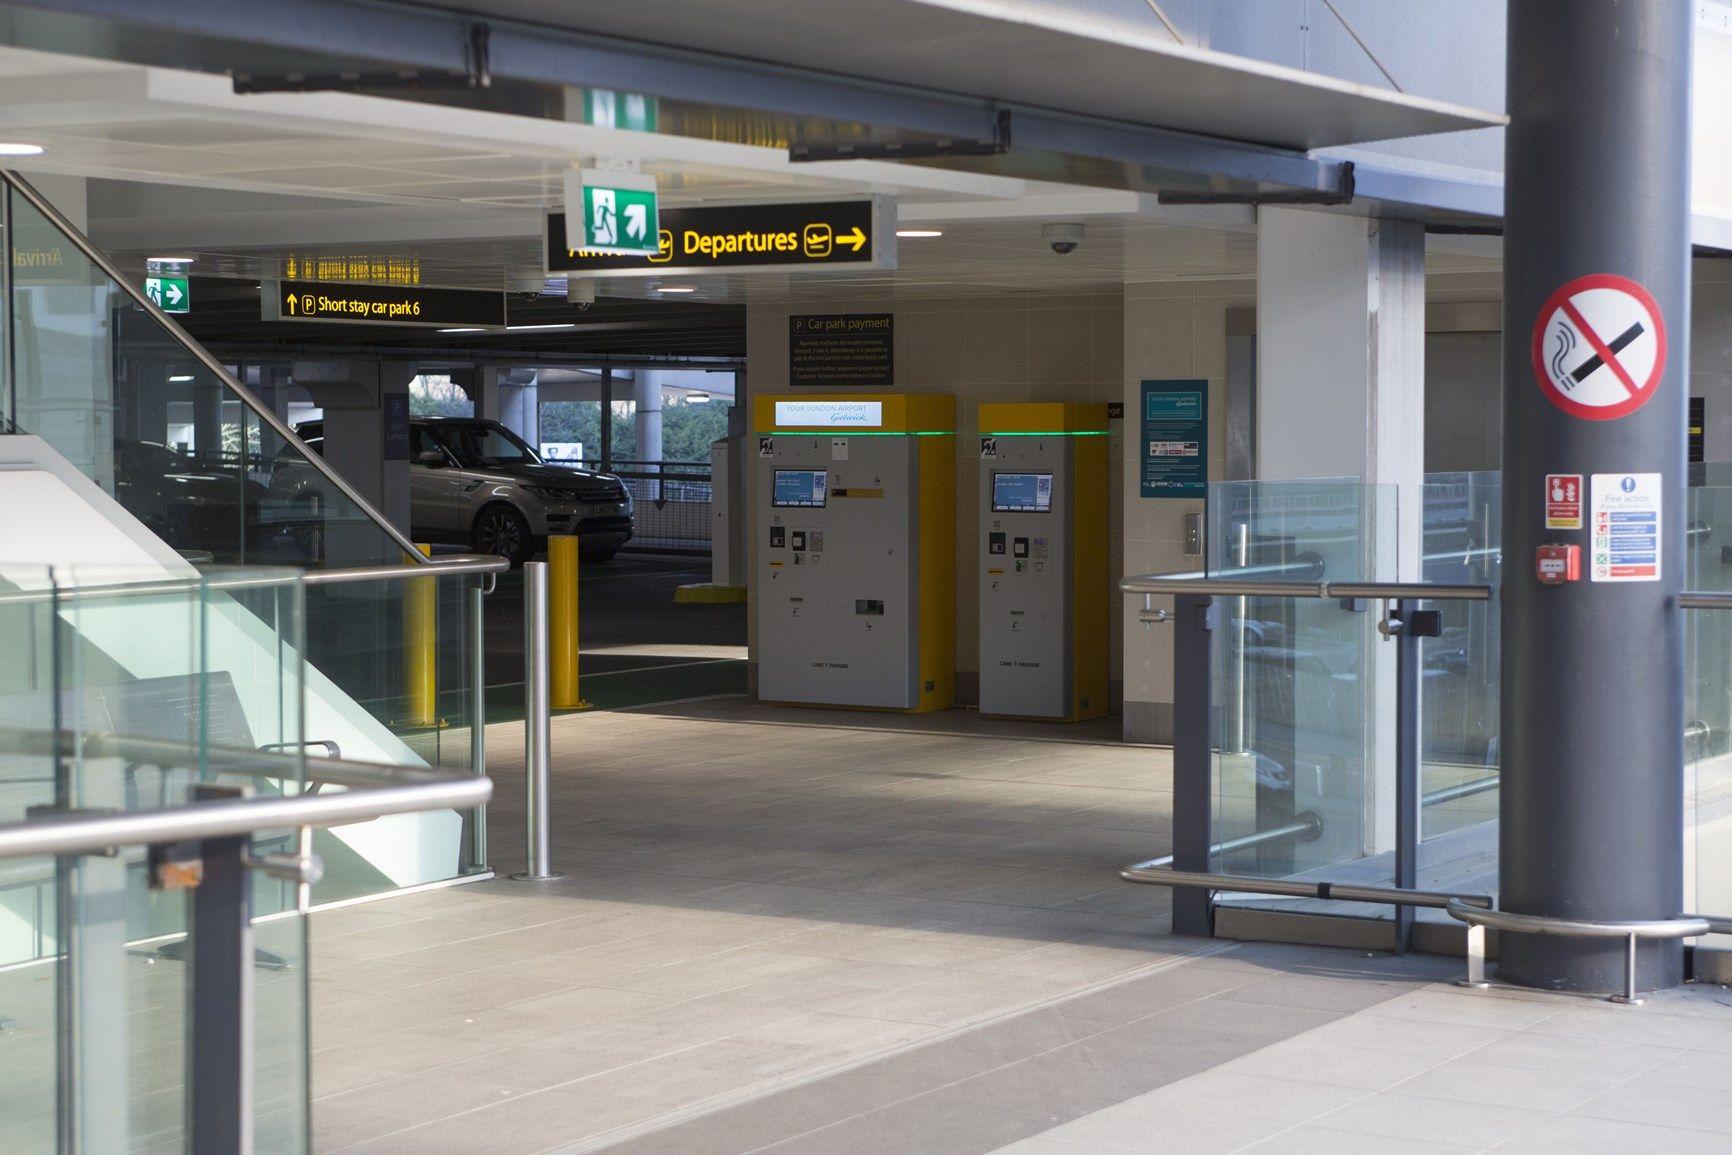 Tecnologia CAME nei parcheggi dell'aeroporto londinese di GATWICK